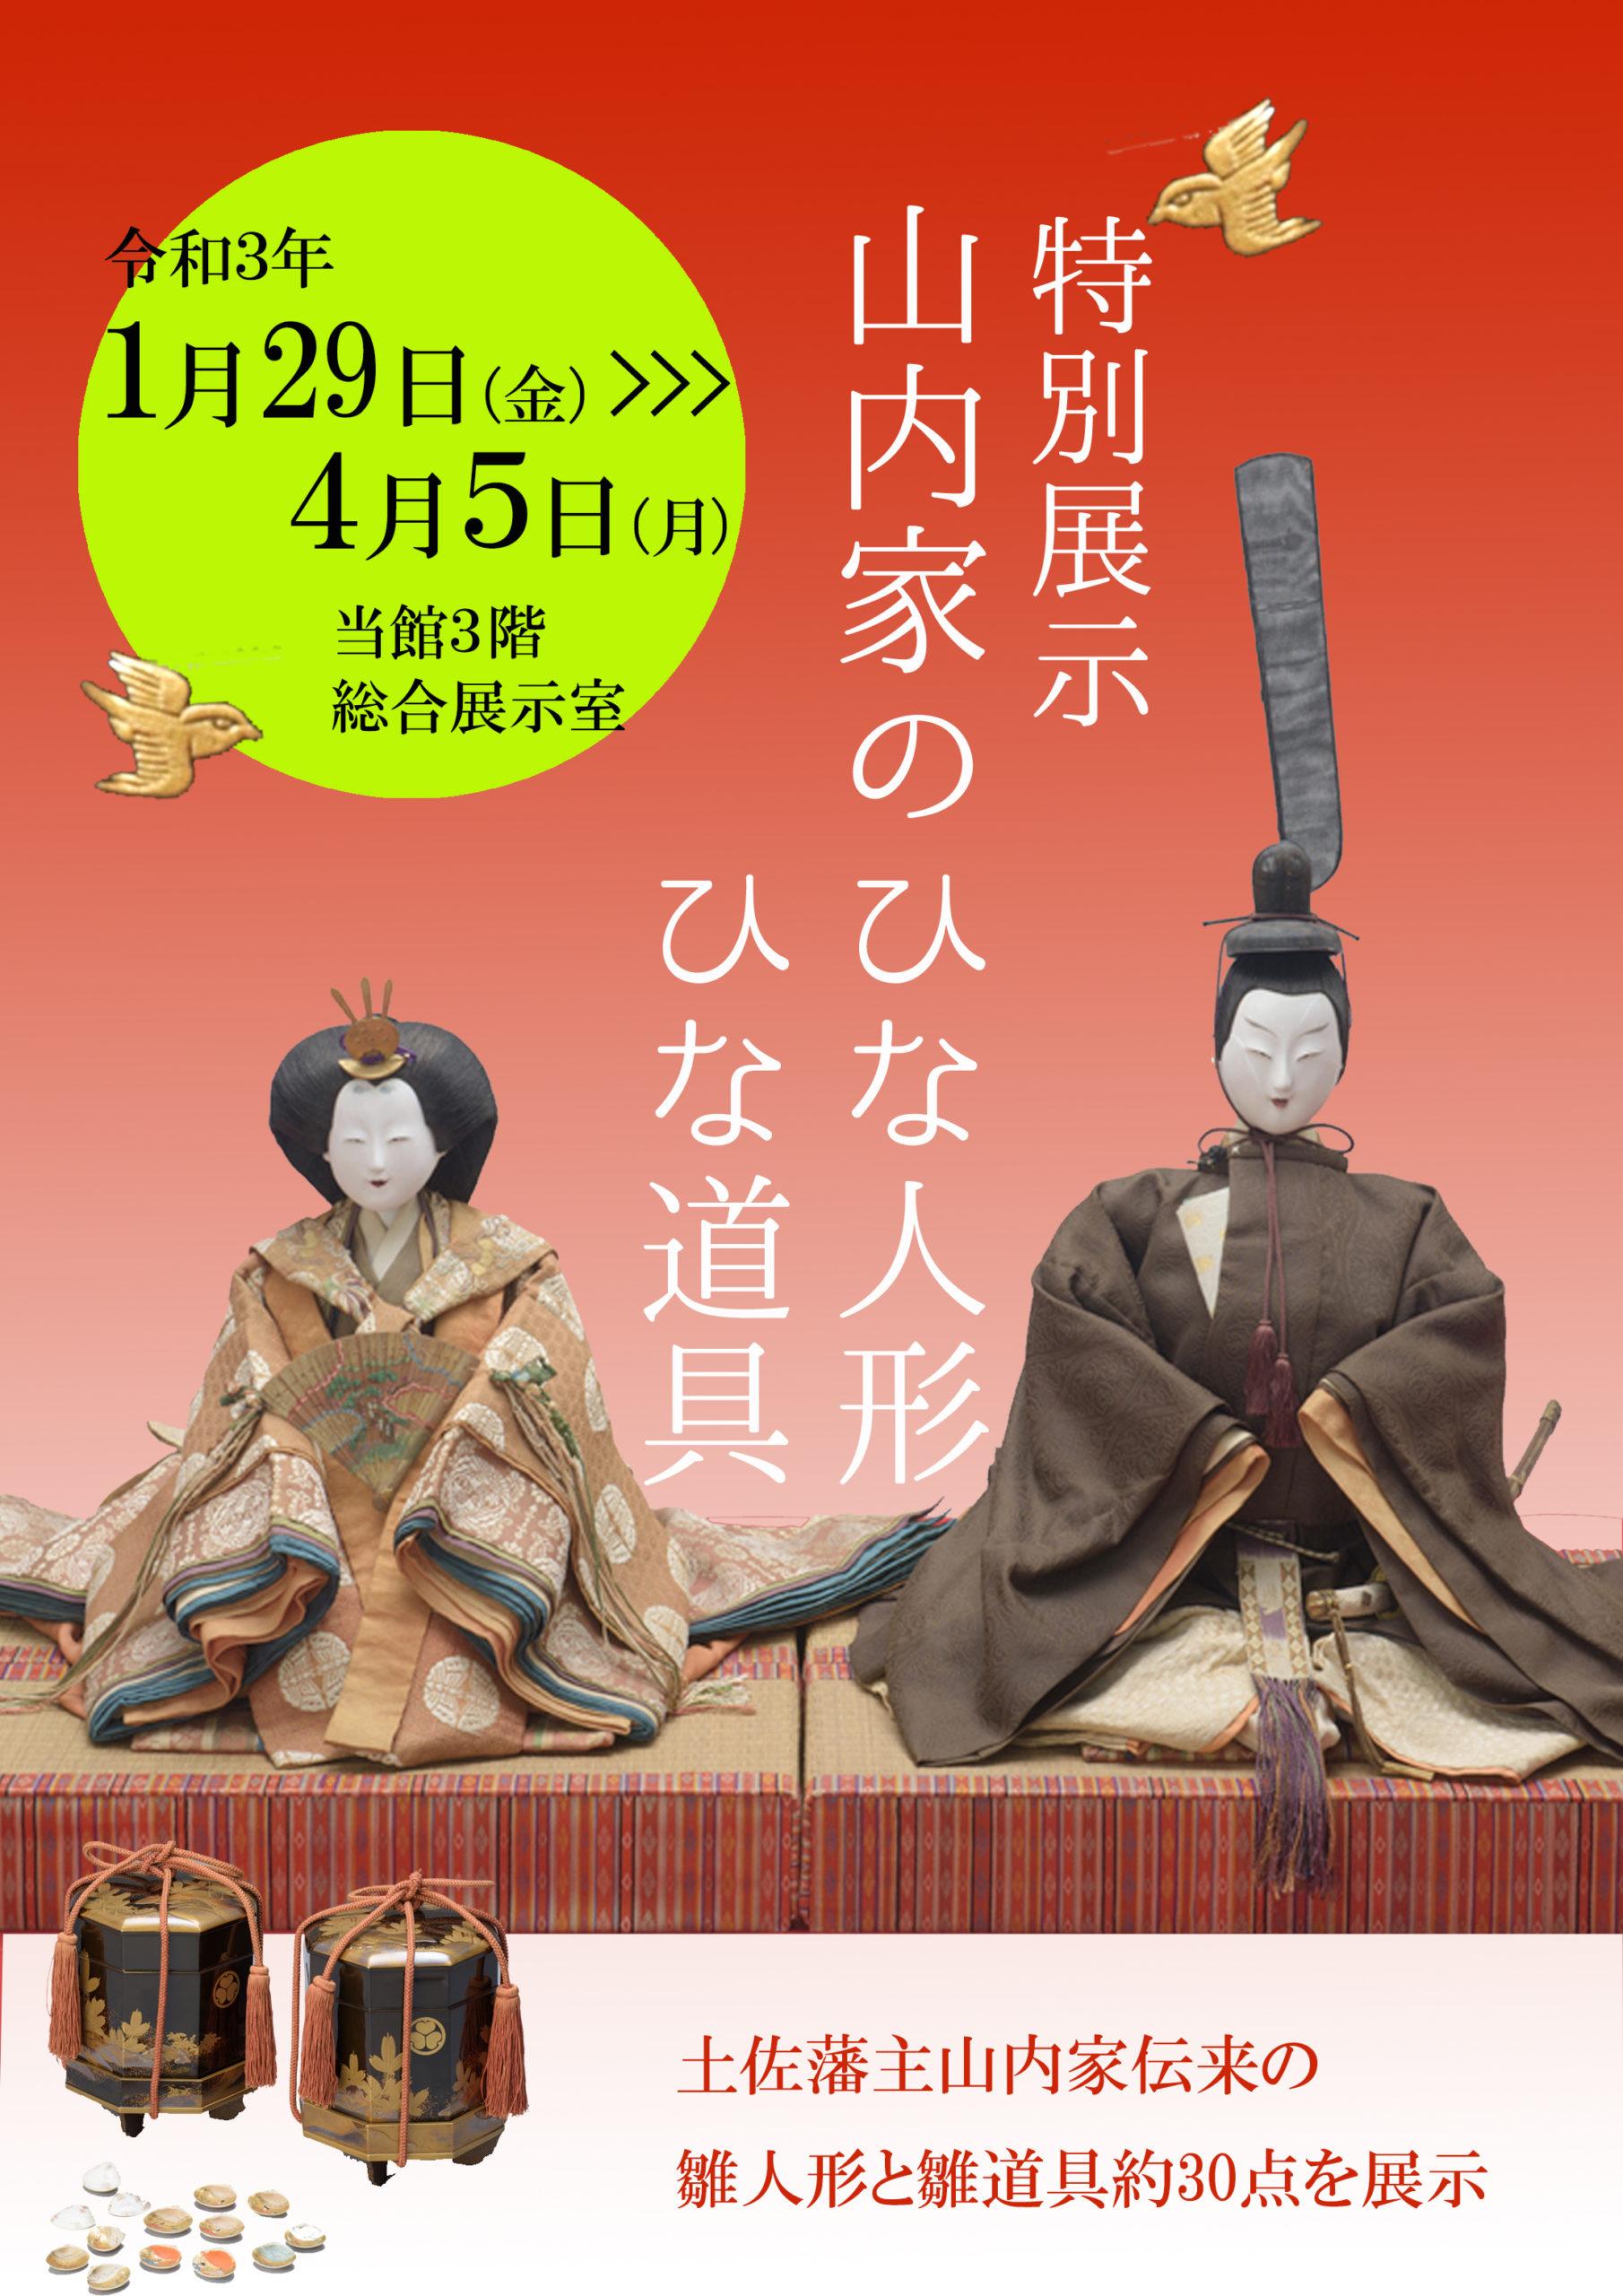 (1/29~4/5)特別展示 山内家のひな人形・ひな道具